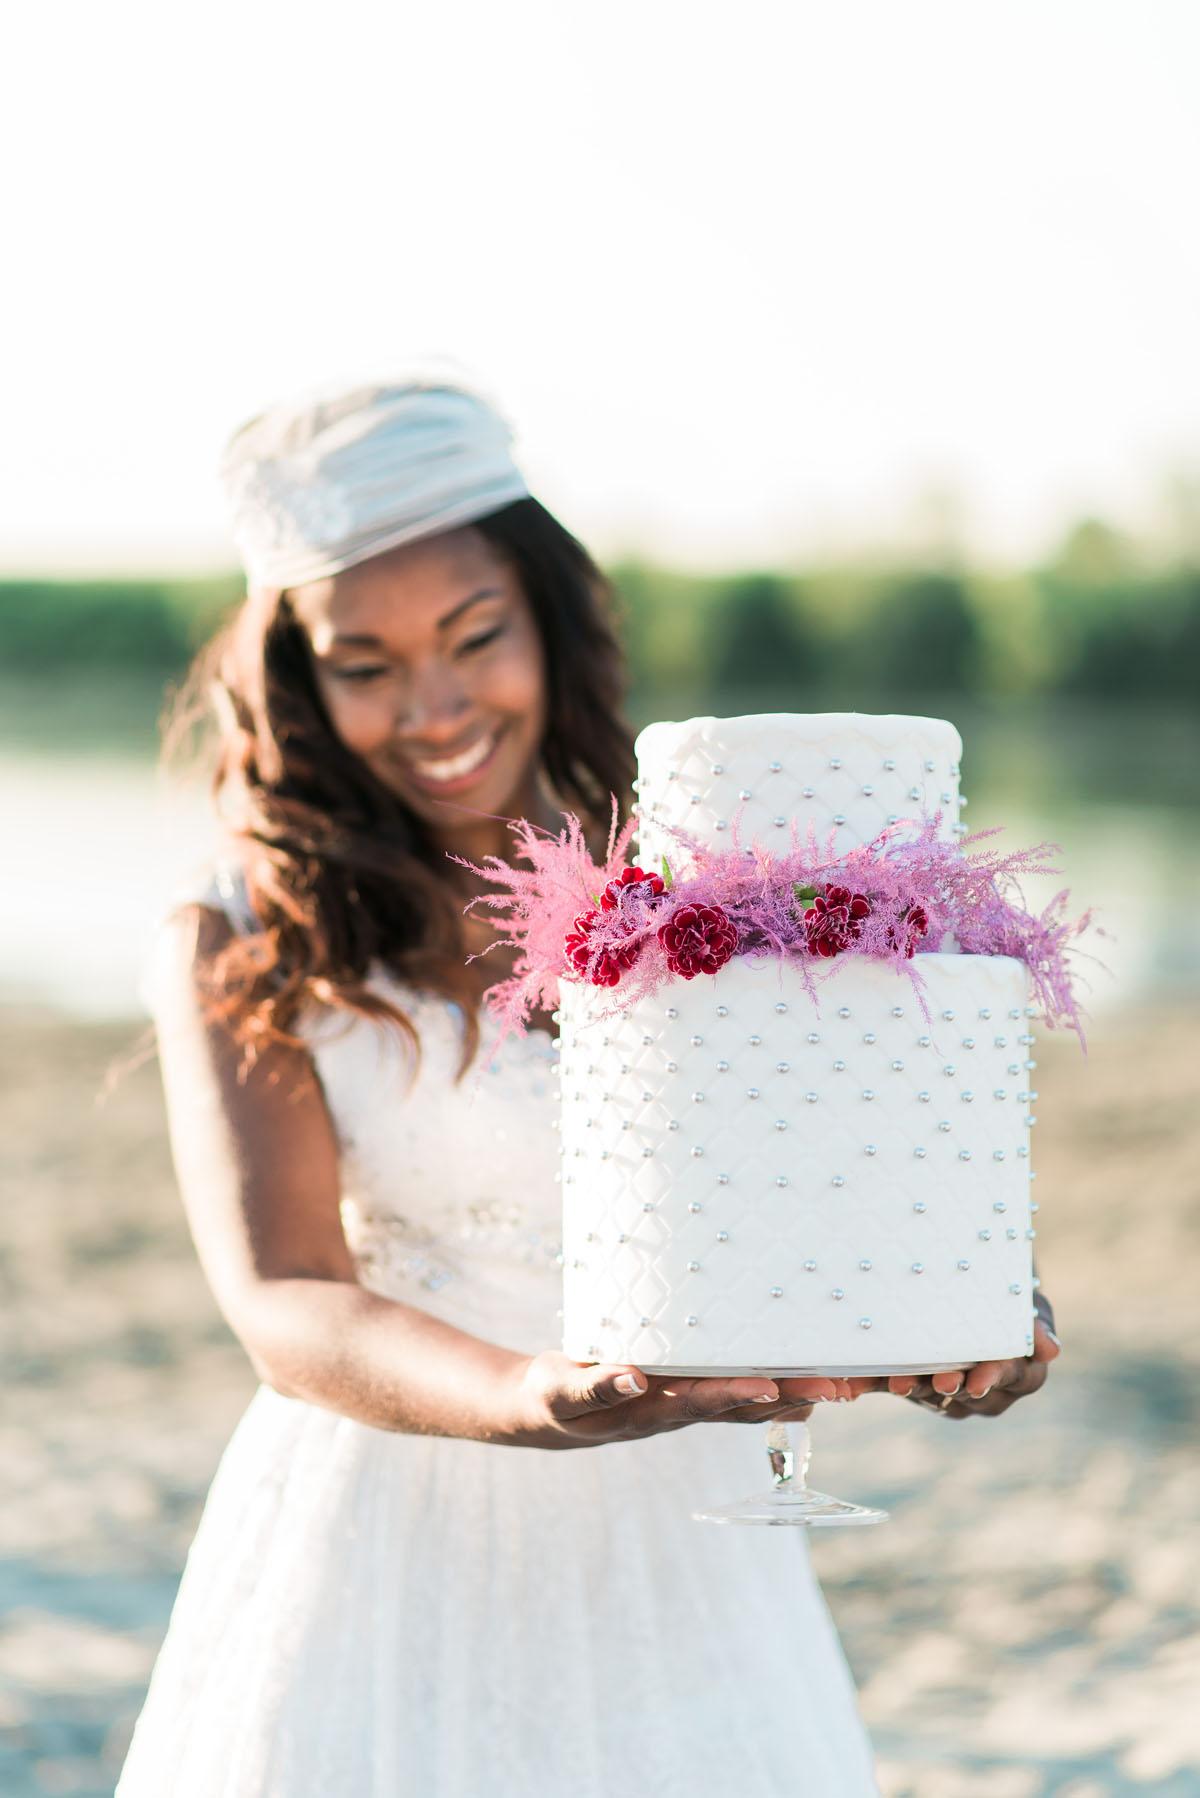 torta nuziale con fiori fucsia e pois argento